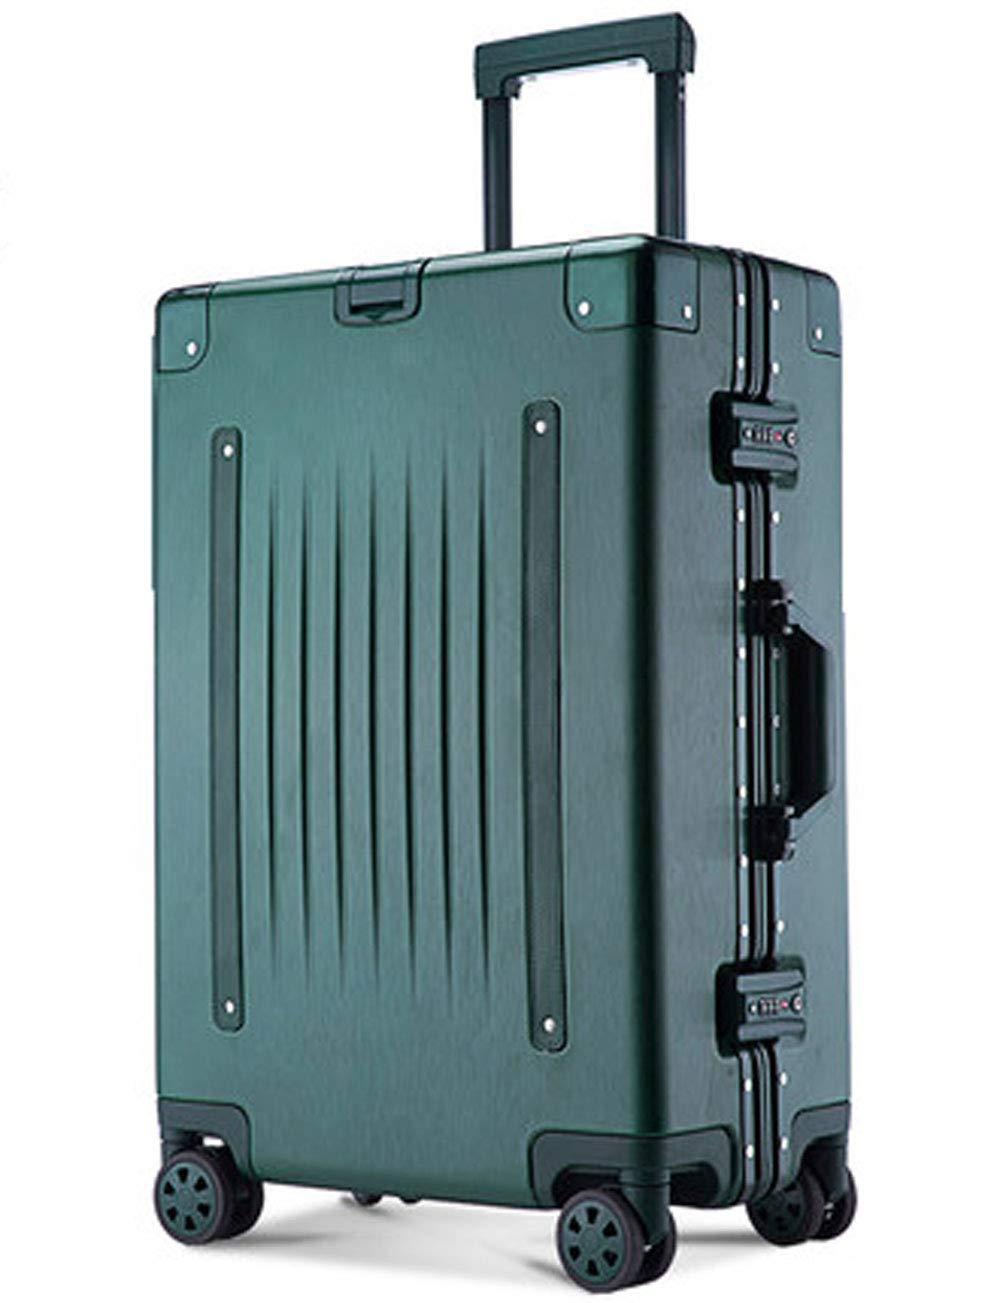 4輪の荷物、防水ABS、伸縮プルロッド、TSAカスタムロック、360度回転ローラー、パスワード搭乗36cm * 23cm * 48cmの超軽量アルミフレームトラベル (色 : Green)   B07GSXH6RZ